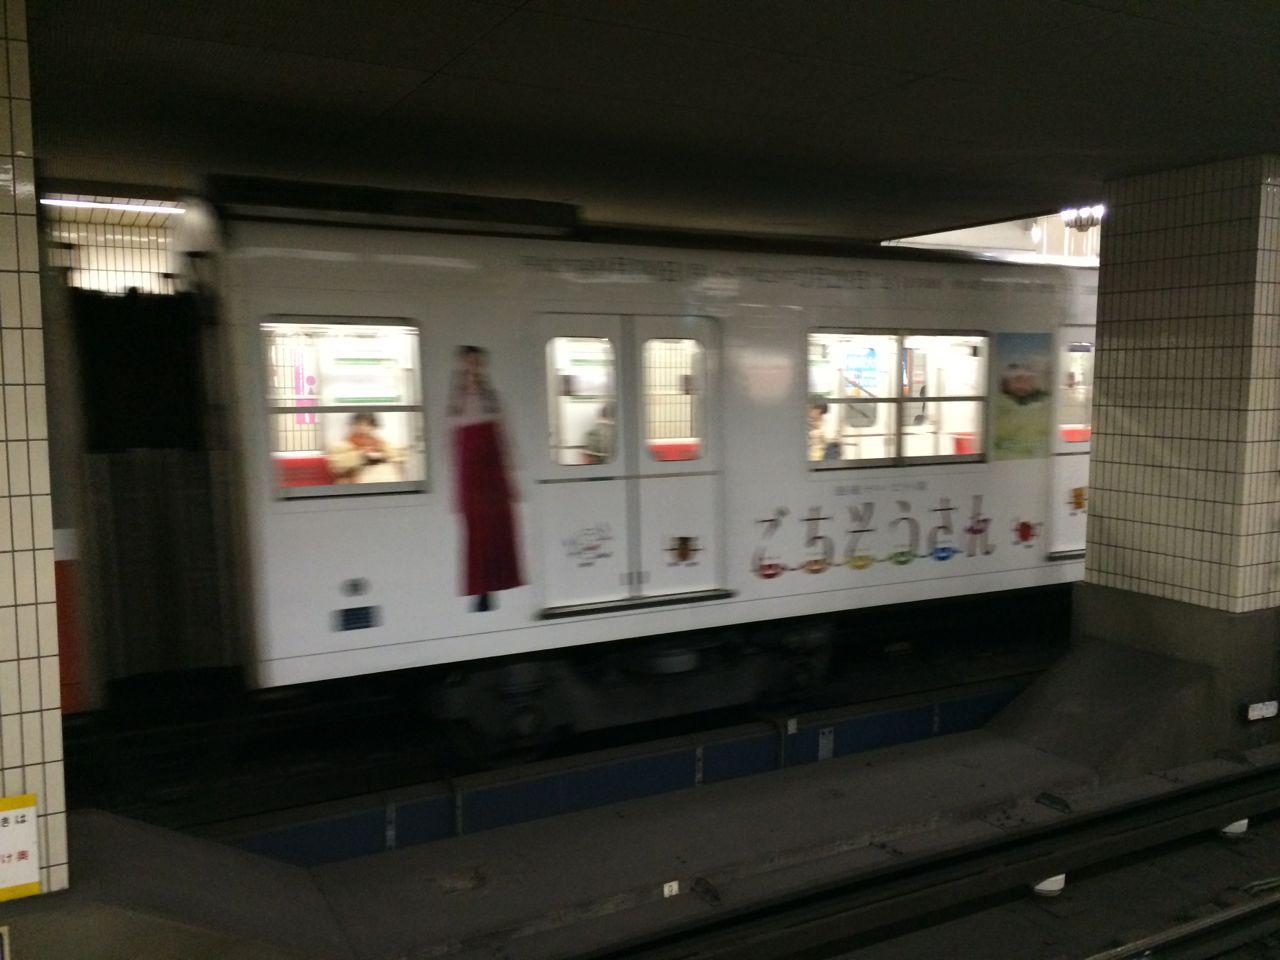 杏@大阪市営地下鉄ラッピング車両